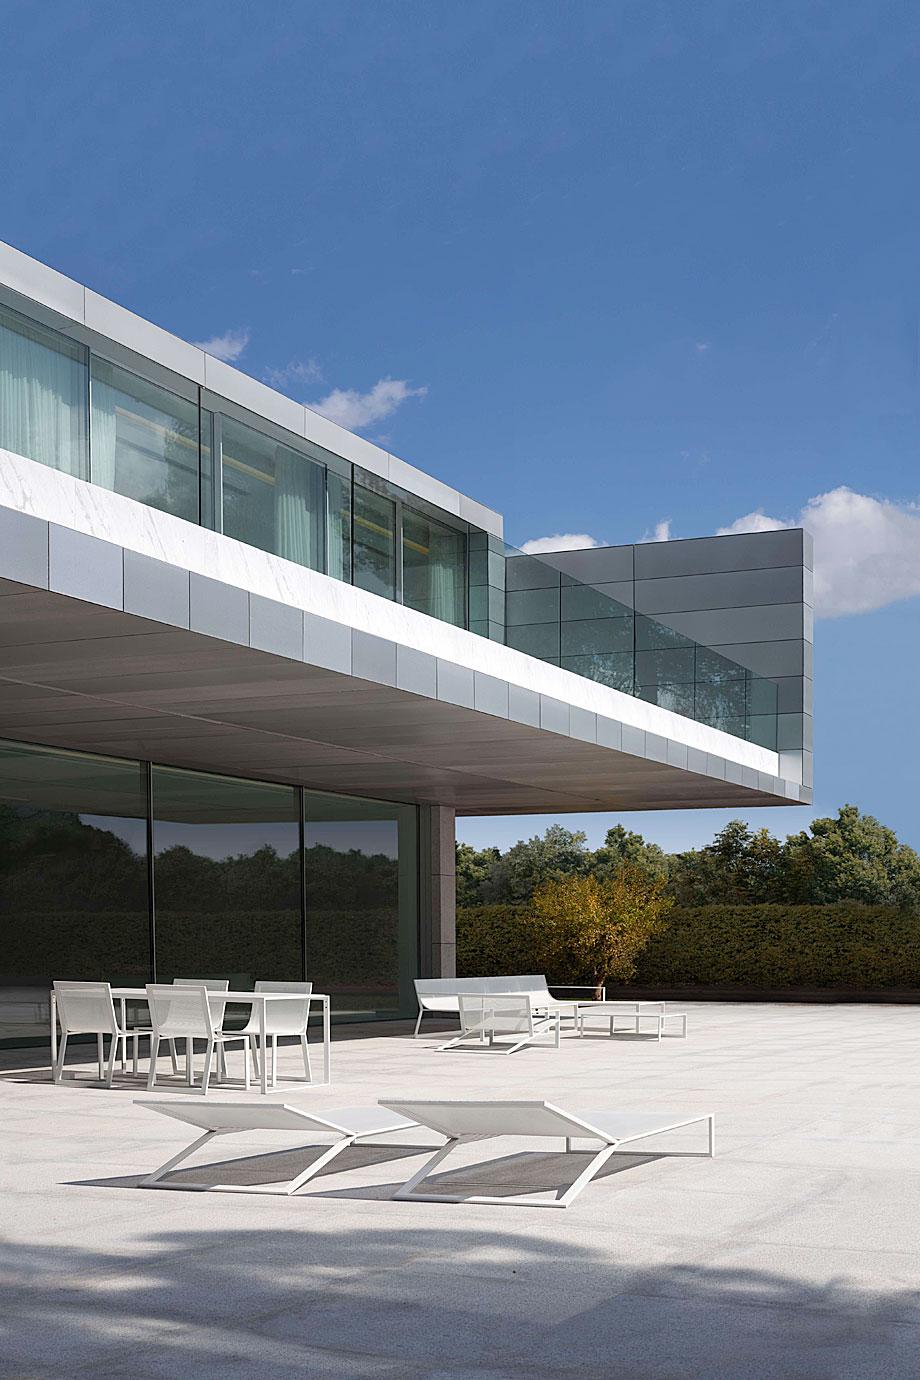 casa-aluminio-fran-silvestre-arquitectos (3)